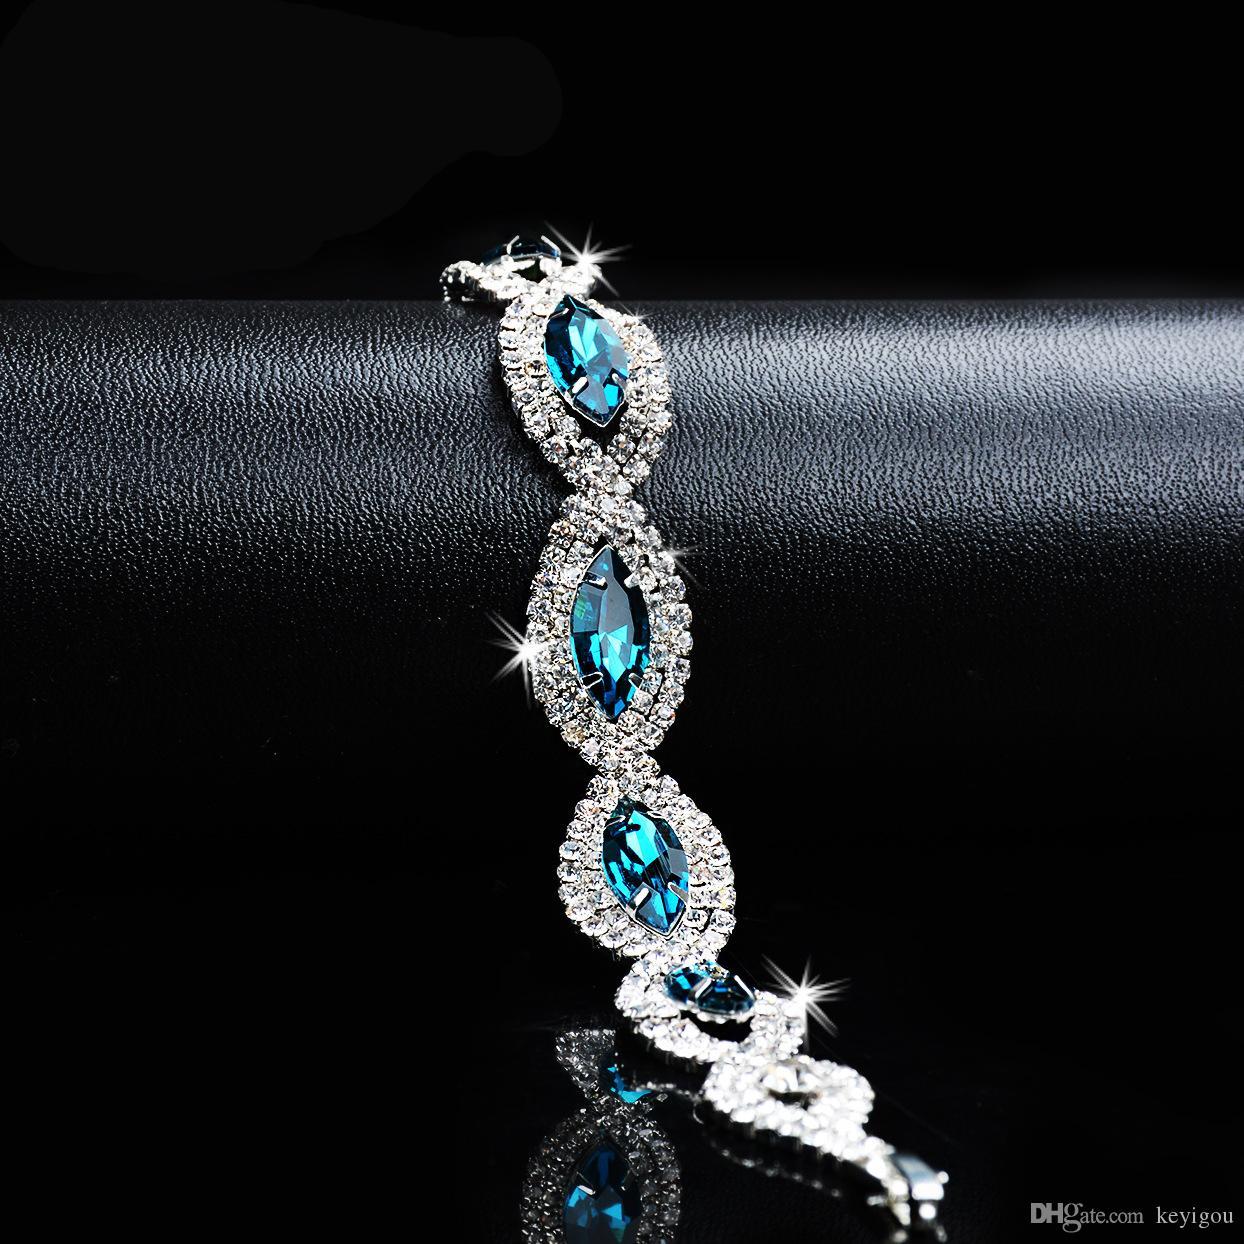 2020 الأزياء والمجوهرات أساور كريستال للنساء فضية اللون الأزرق الزركون أساور أساور فام الزفاف الزفاف